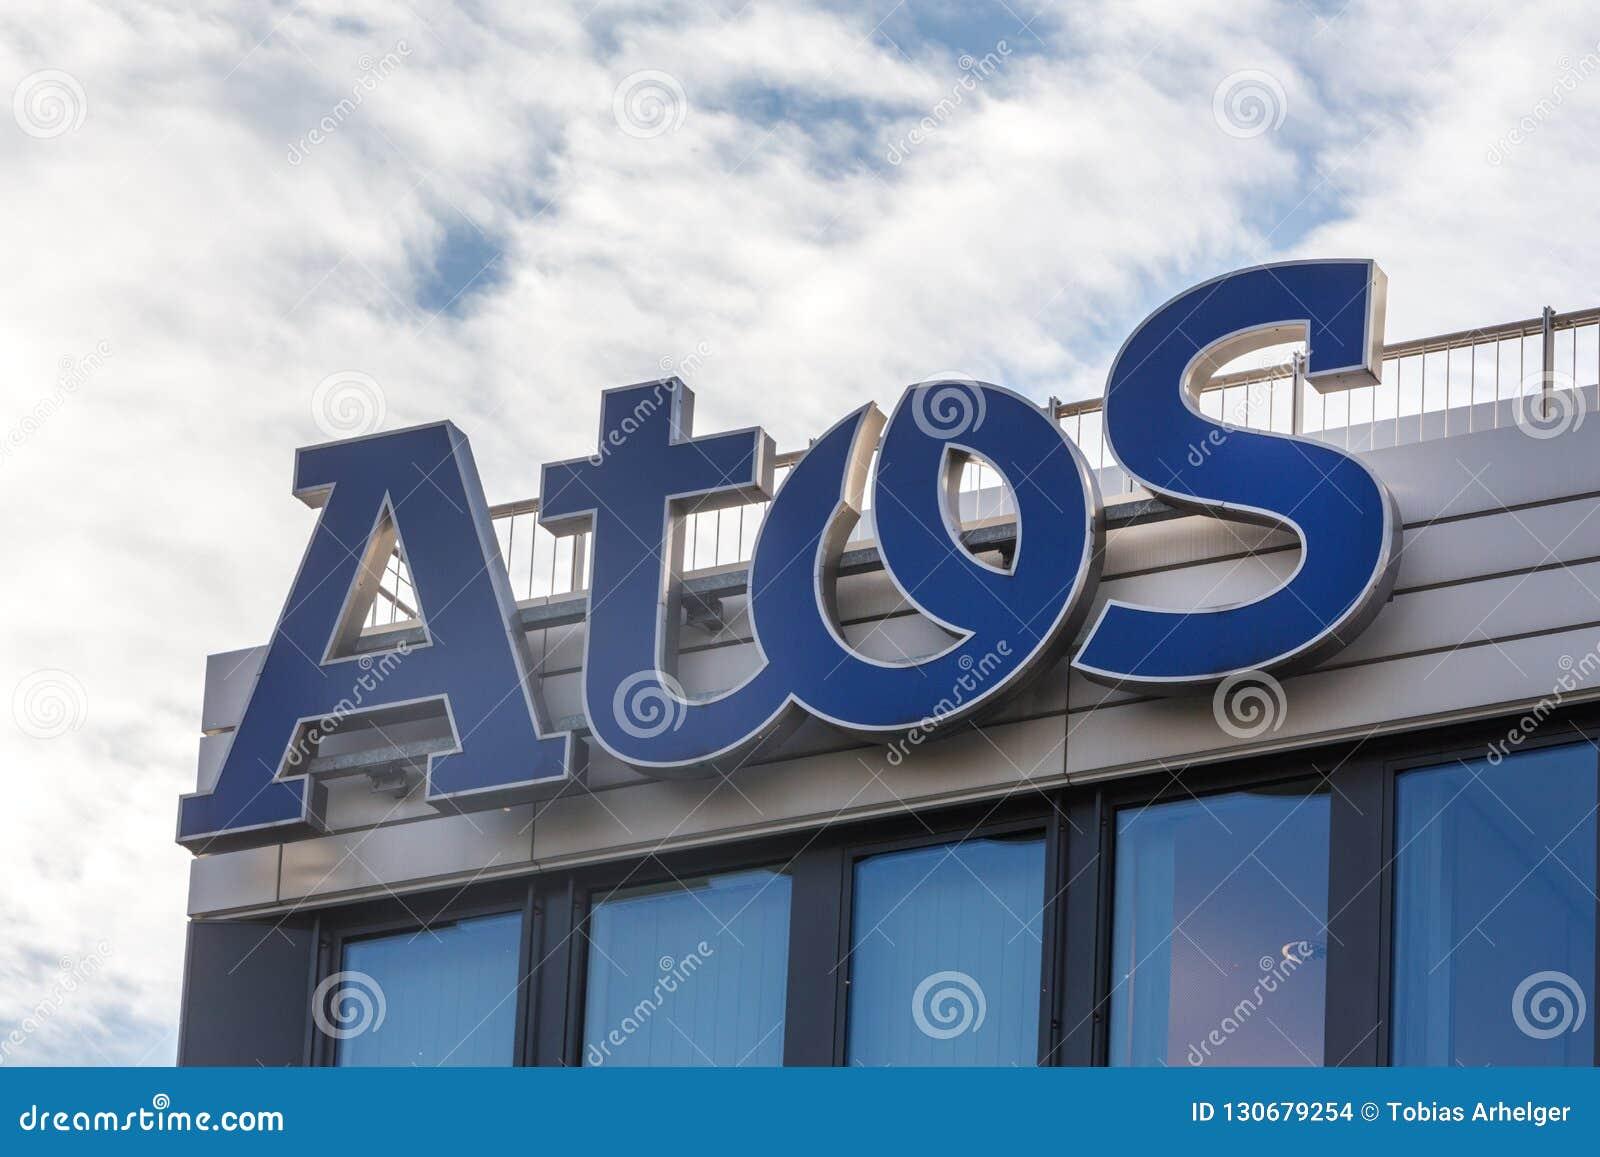 Essen Północny Westphalia, Germany,/- 02 11 18: atos podpisują na budynku w Essen Germany